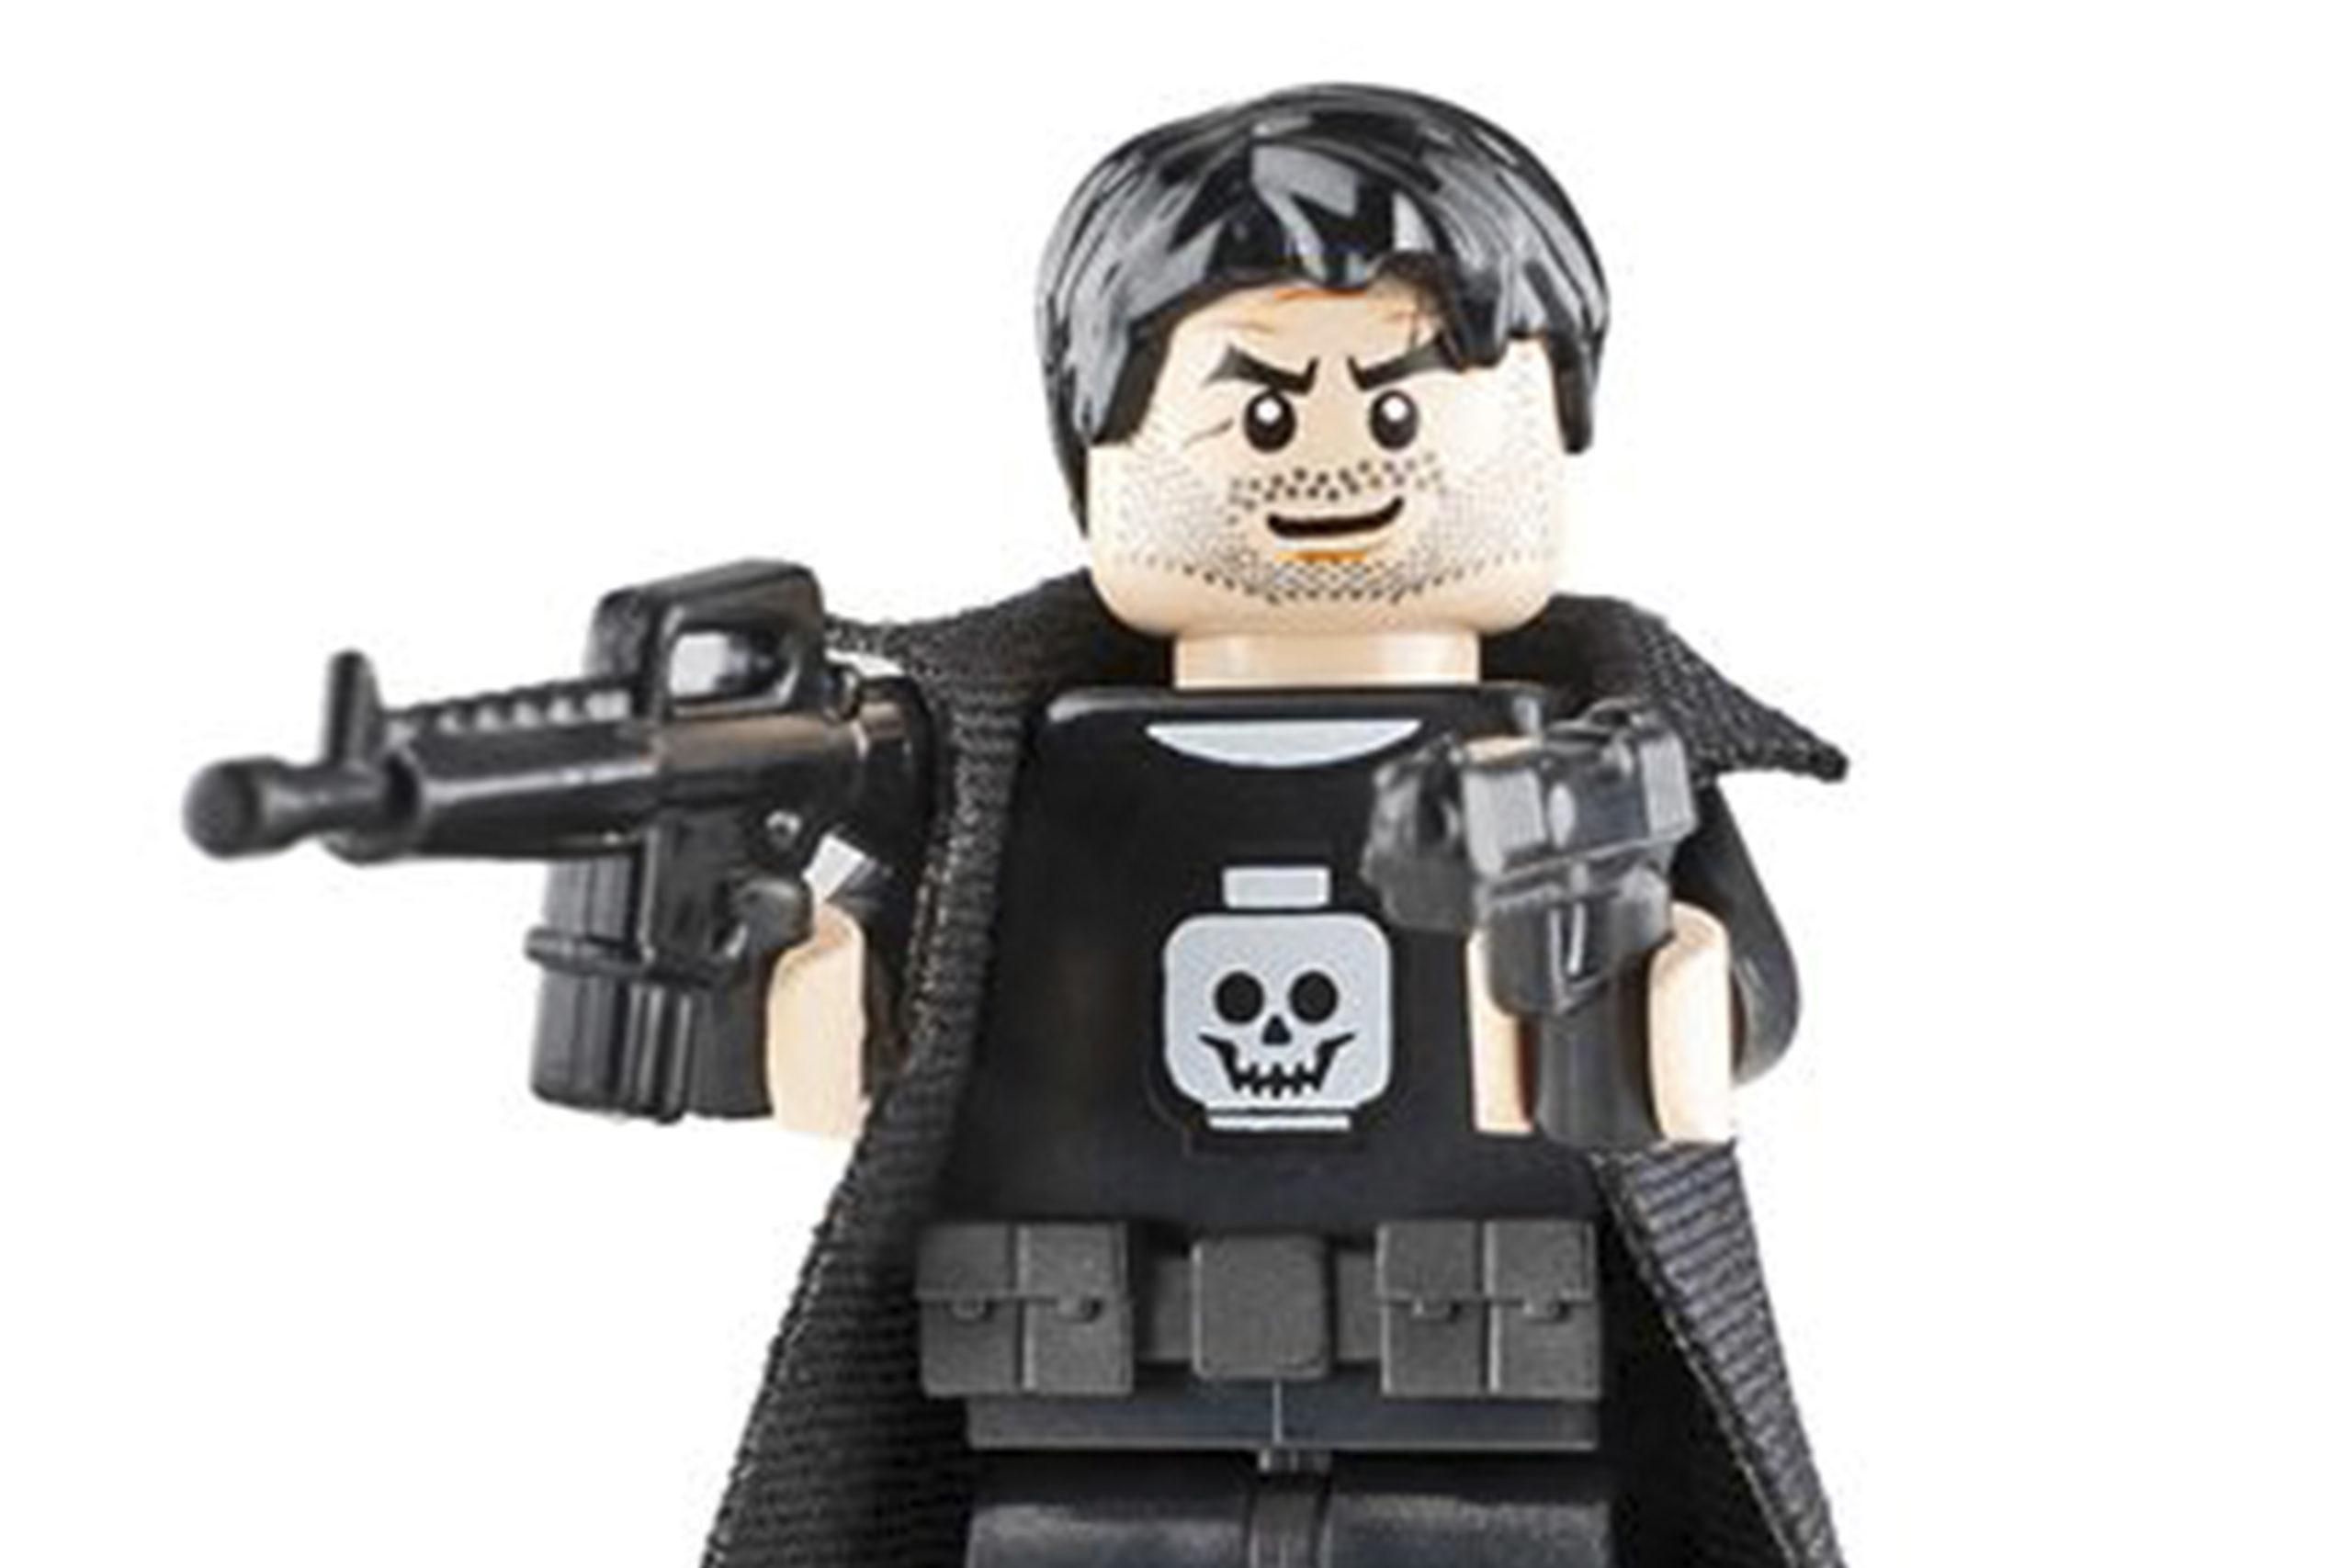 Firestar Toys Customs - The Punisher